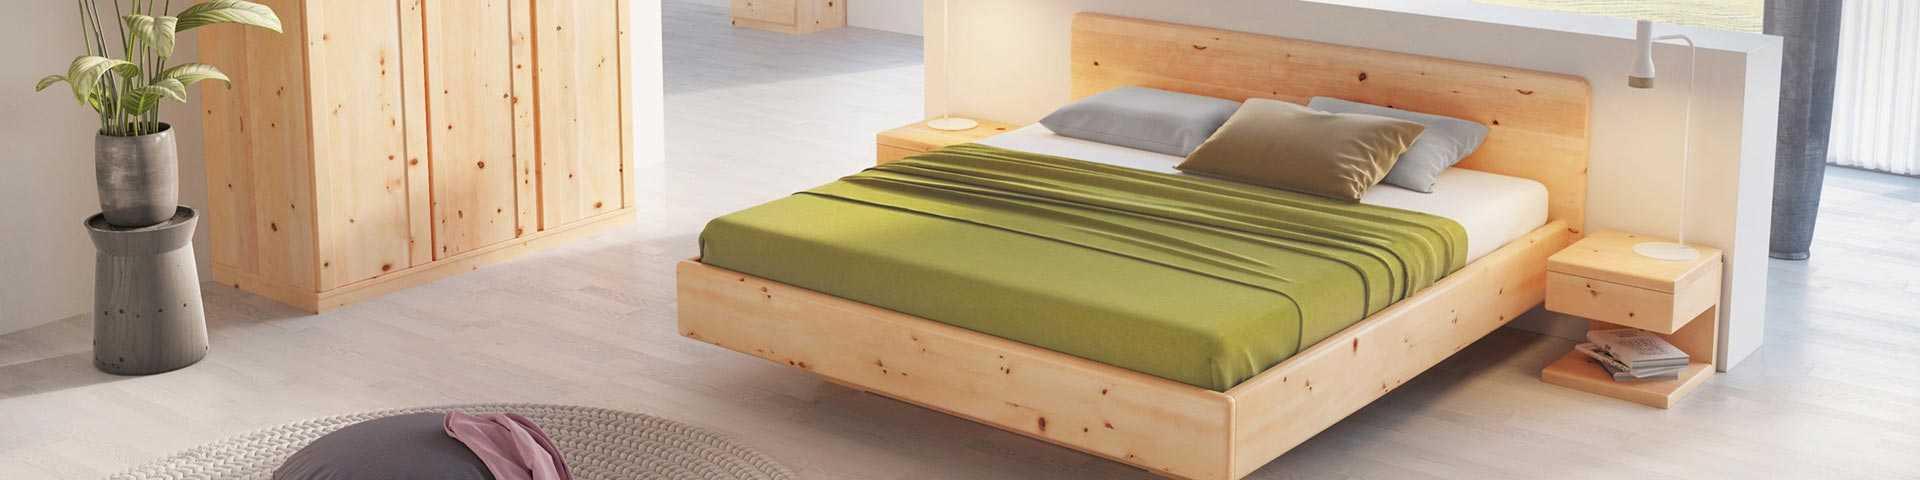 lamodula | ihr experte für zirbenbetten & schlafsysteme, Schlafzimmer entwurf